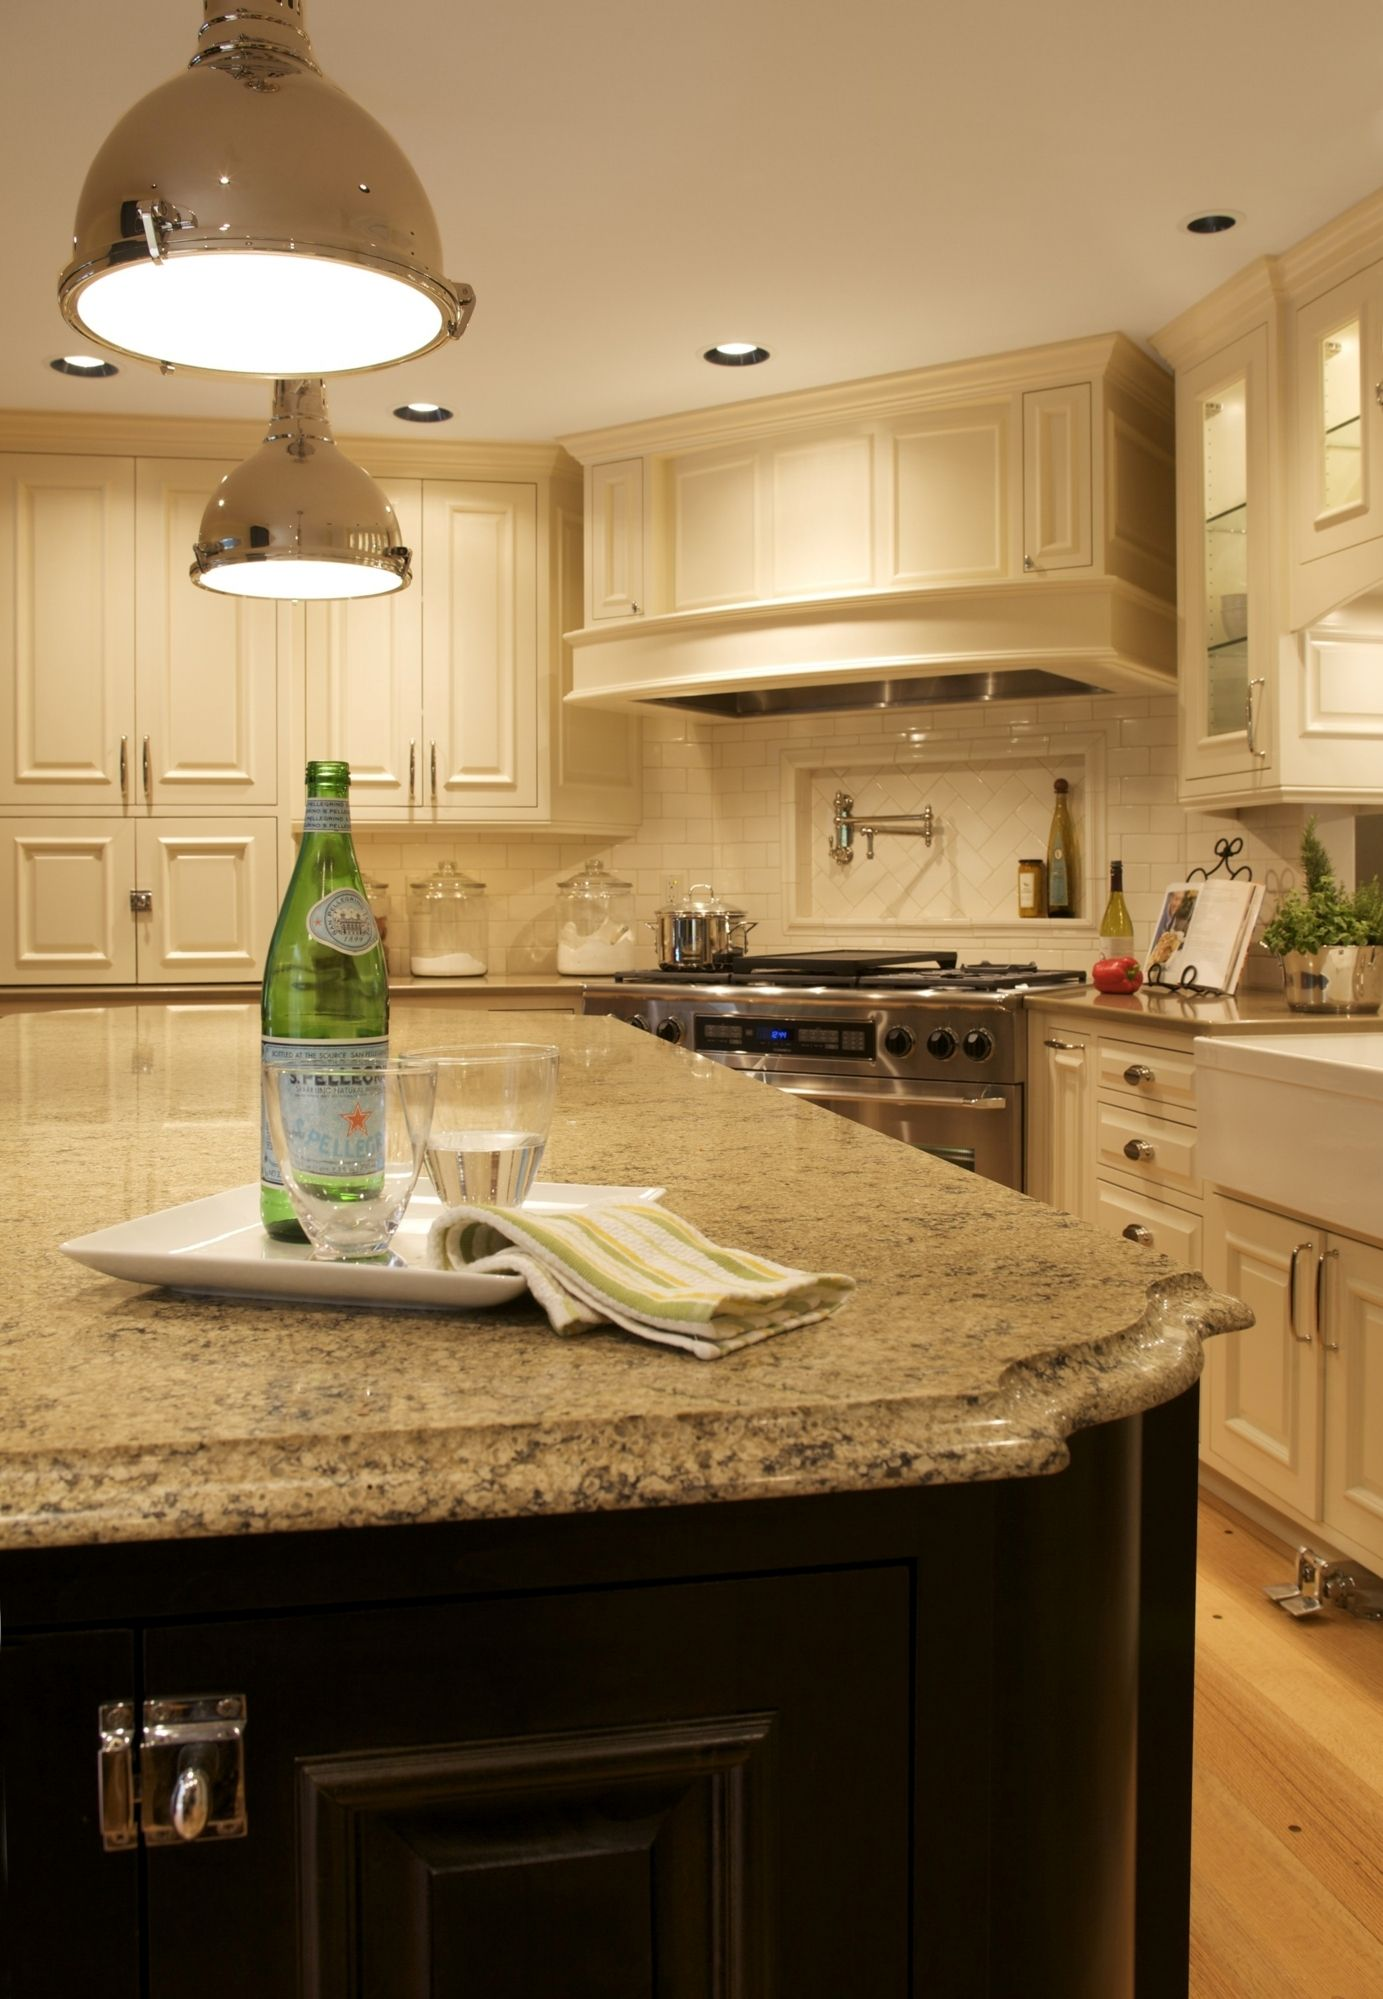 island countertop with white backslash or bisque backsplash kitchen quartz kitchen on kitchen island ideas white quartz id=14921